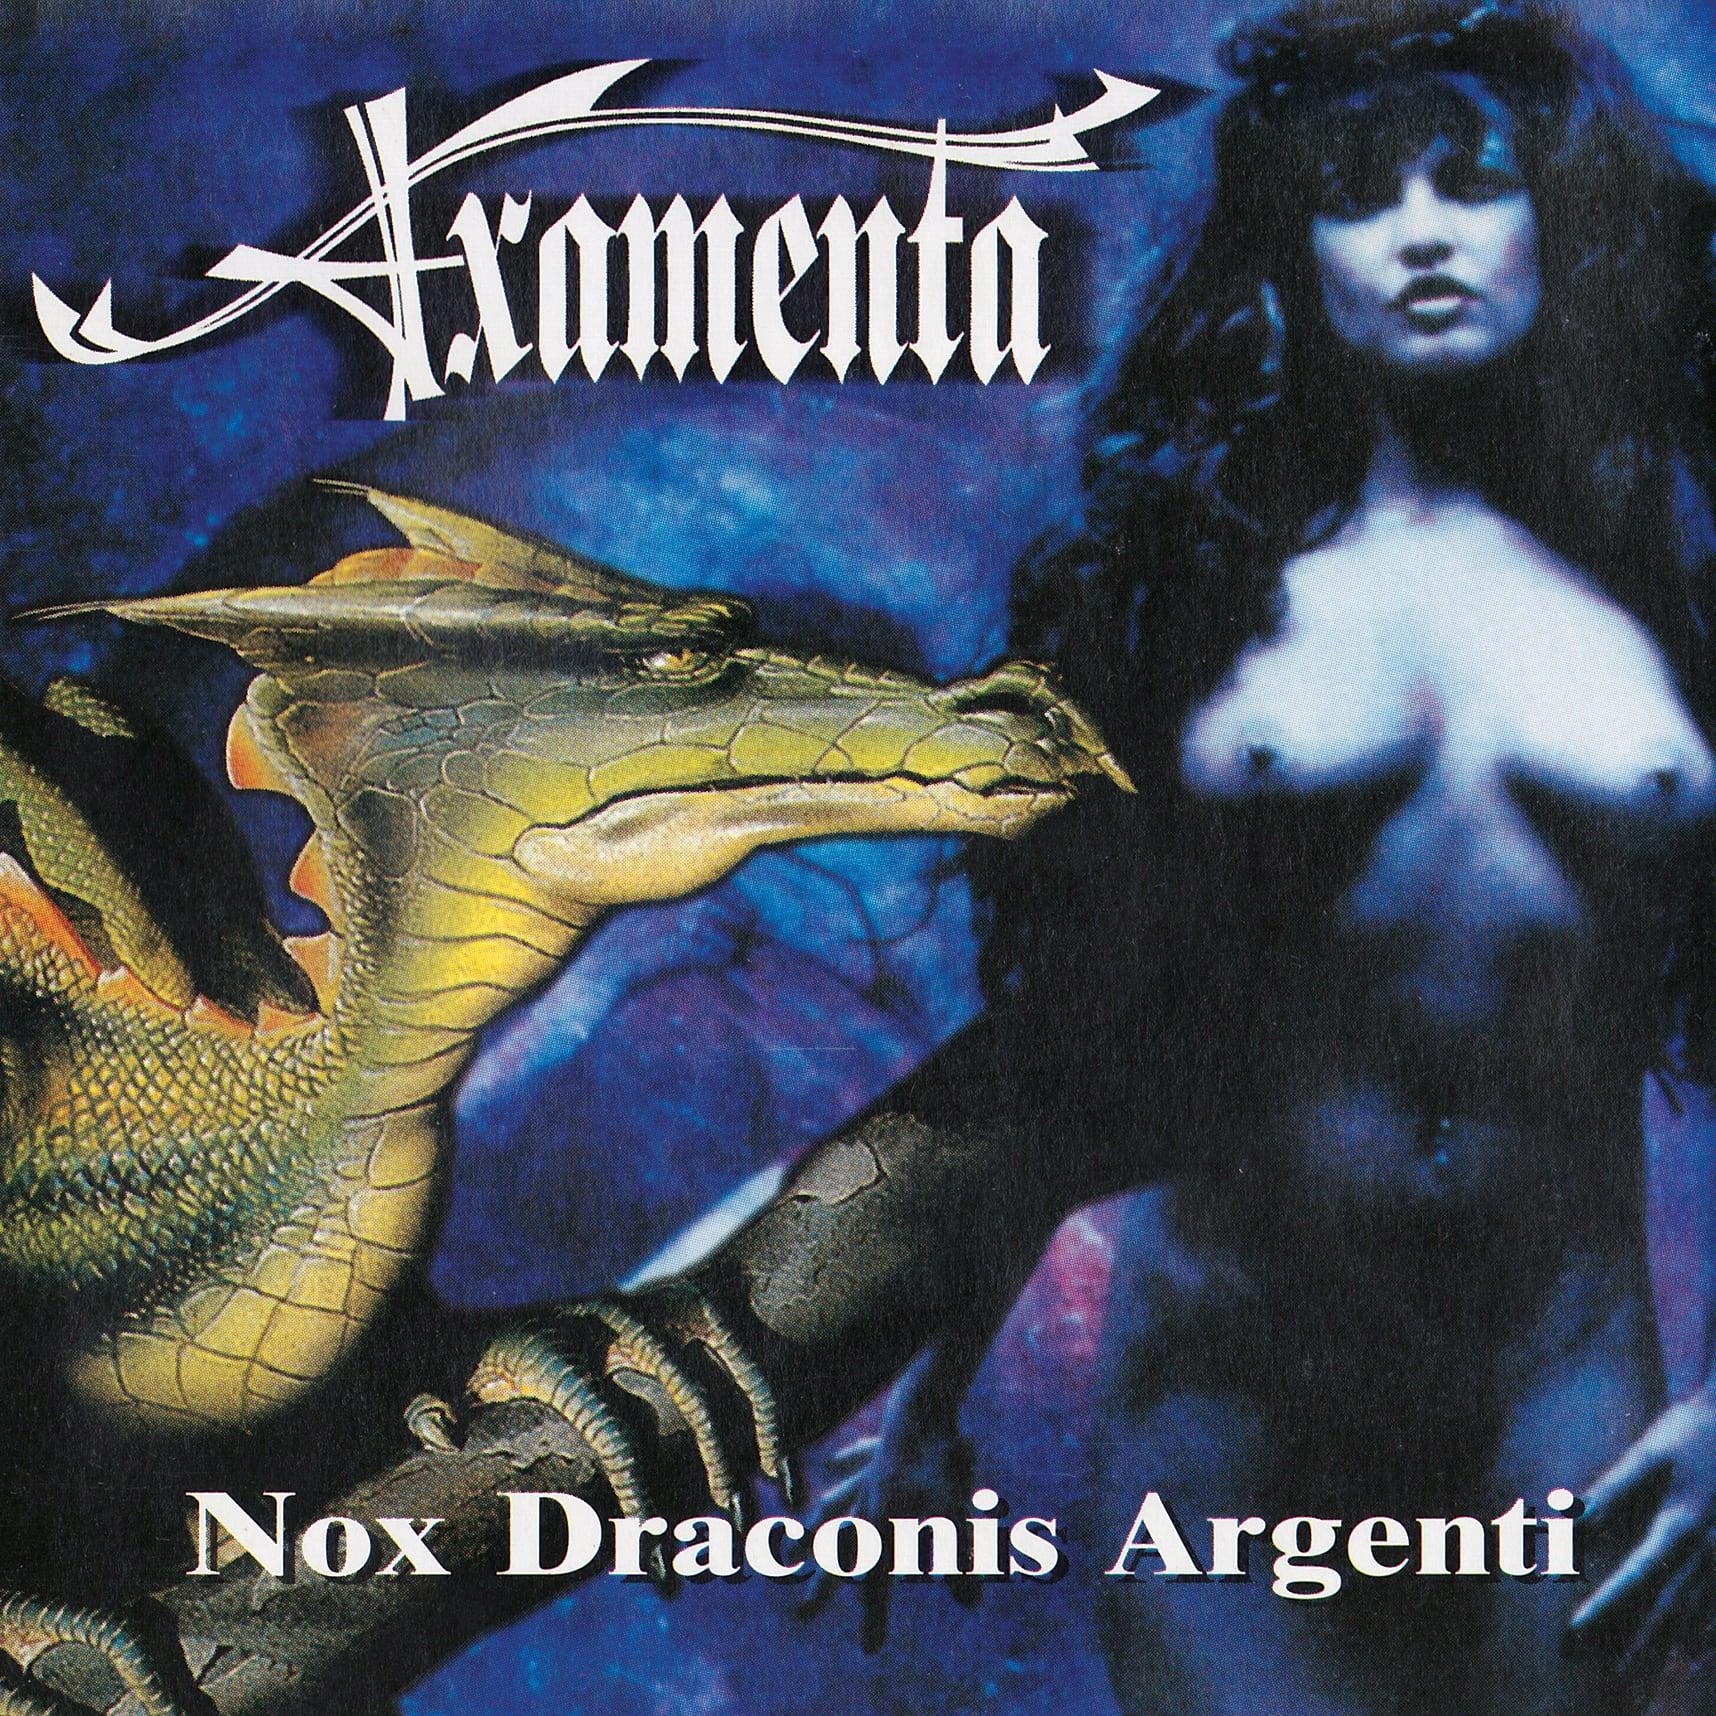 [IOSR CD 004] AXAMENTA『Nox Draconis Argenti & Demos (2枚組仕様)』